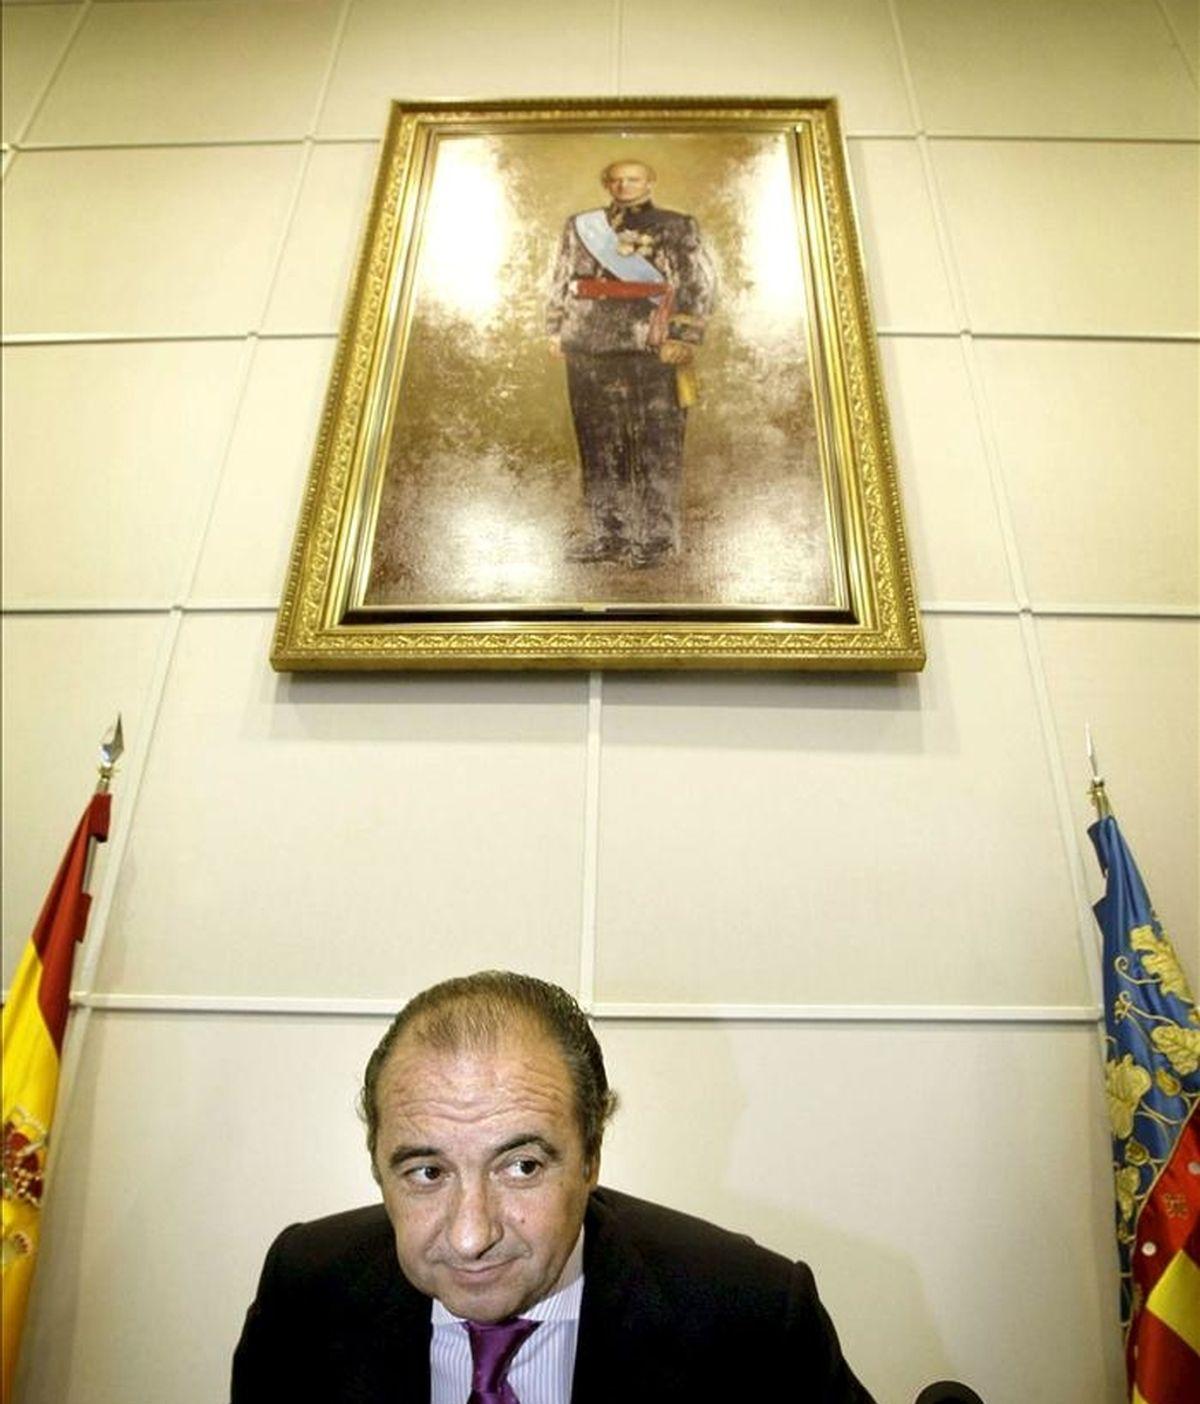 El presidente de la Diputación de Alicante, José Joaquín Ripoll. EFE/Archivo